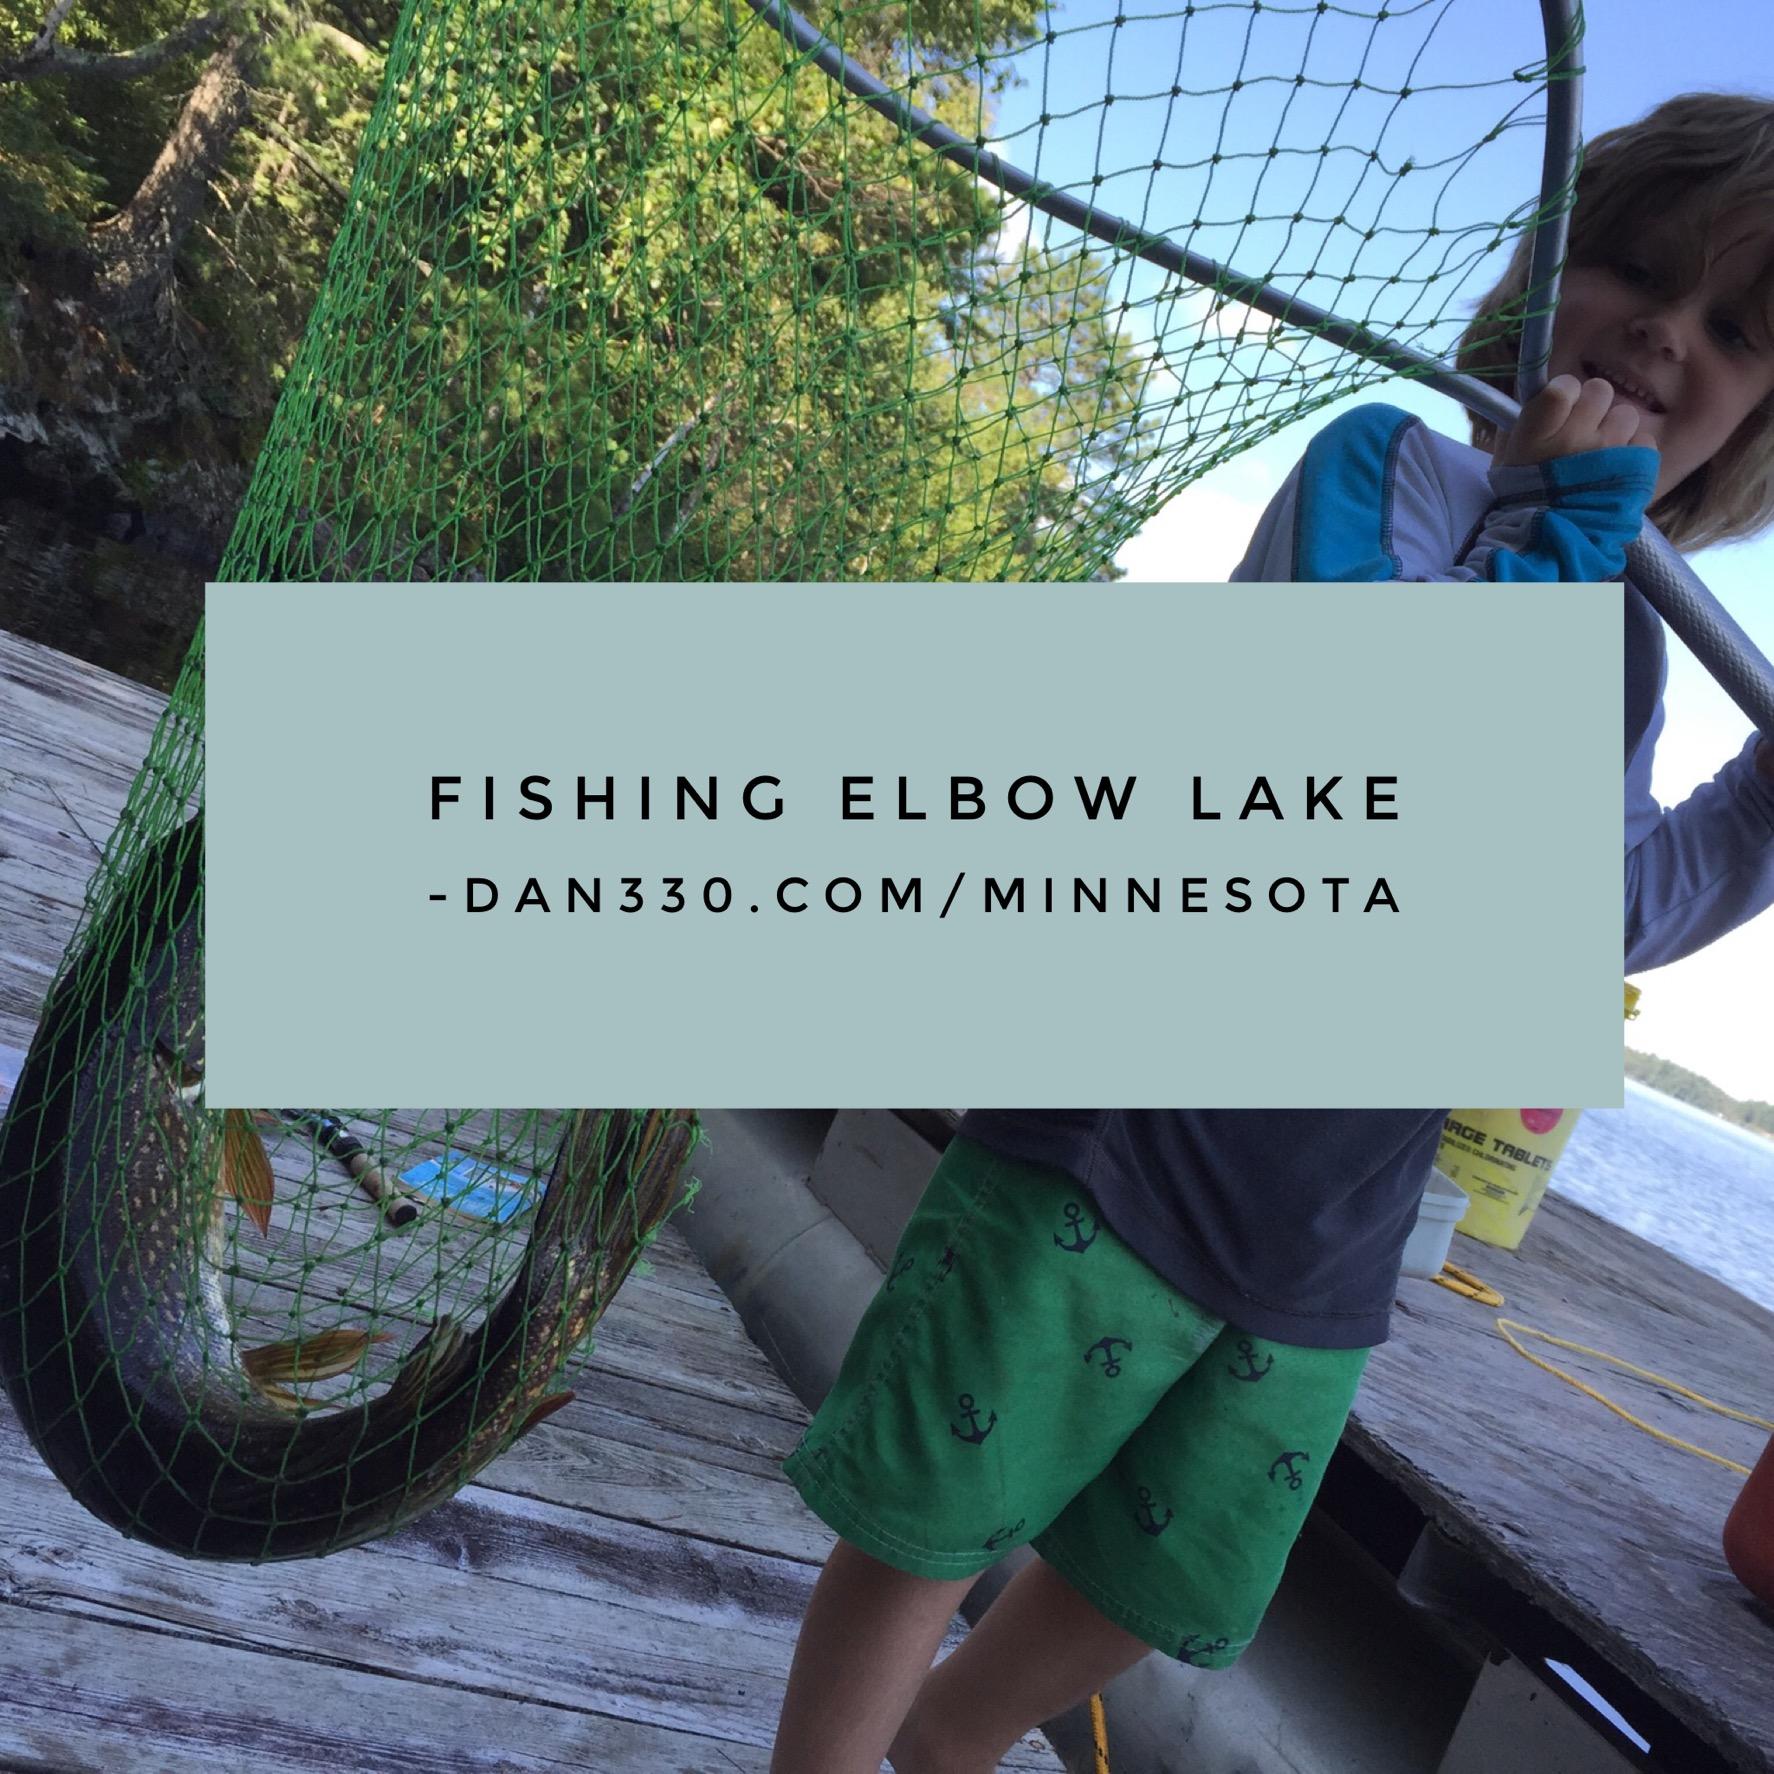 fishing elbow lake